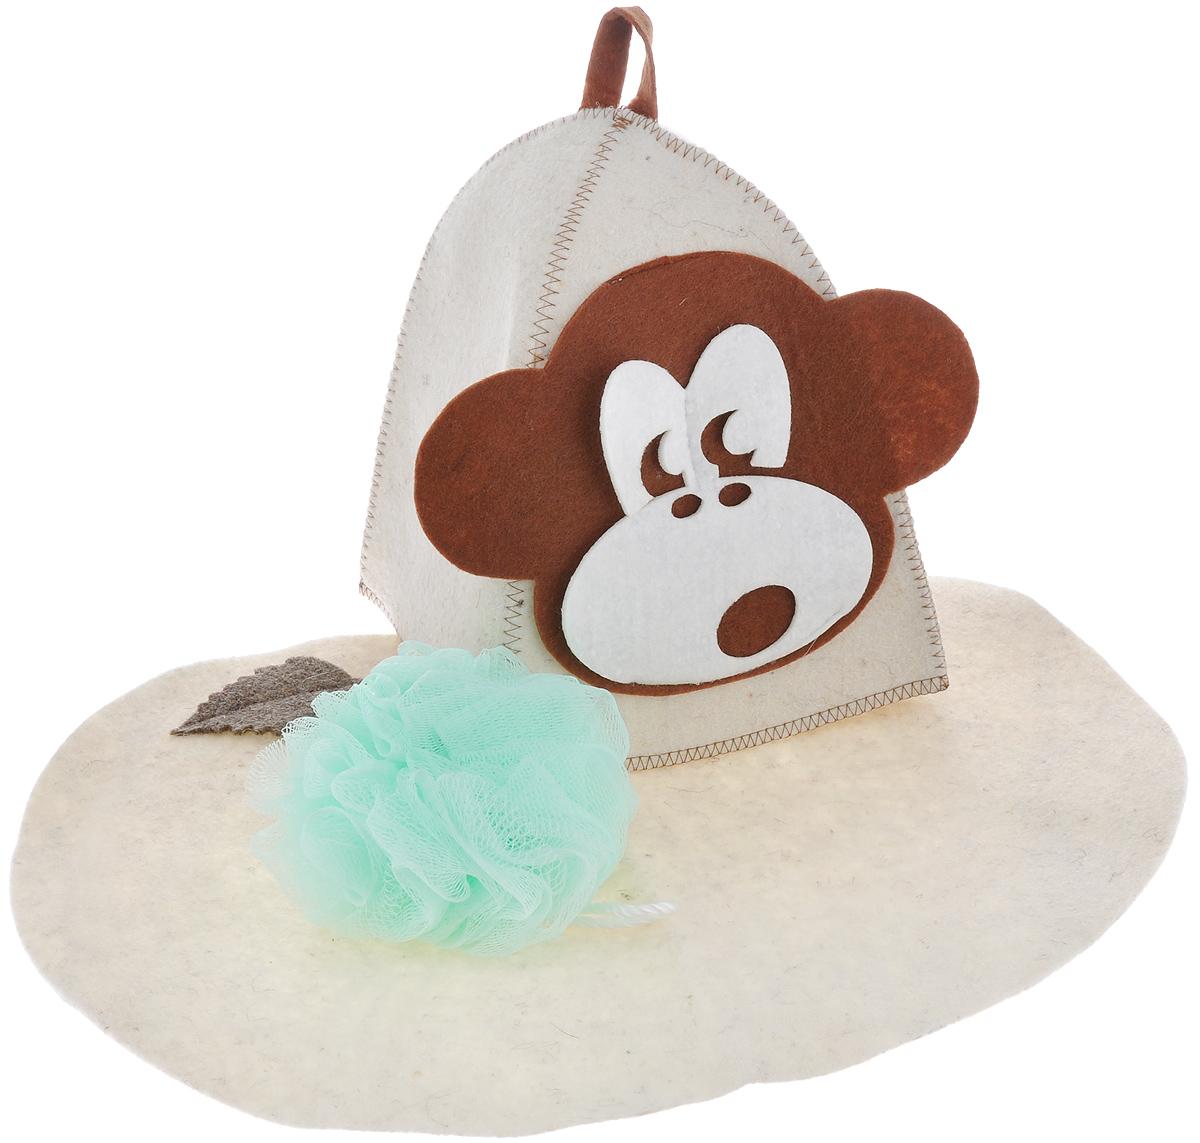 Набор подарочный для бани и сауны Главбаня Обезьянка, цвет: бежевый, мятный, 3 предметаА349В подарочный набор для бани и сауны Обезьянка входят шапка, мочалка и коврик. Шапка, изготовленная из войлока, декорирована объемной фигуркой обезьяны. Благодаря сетчатой мочалке из нейлона вам обеспечено много пены. Коврик для сидения, выполненный из войлока, имеет форму яблока и декорирован объемной фигуркой листочка. Такой набор поможет с удовольствием и пользой провести время в бане, а также станет чудесным подарком друзьям и знакомым, которые по достоинству его оценят при первом же использовании. Размер коврика: 43 см х 32,5 см. Обхват головы шапки: 66 см. Высота шапки: 23 см. Диаметр мочалки: 13 см.